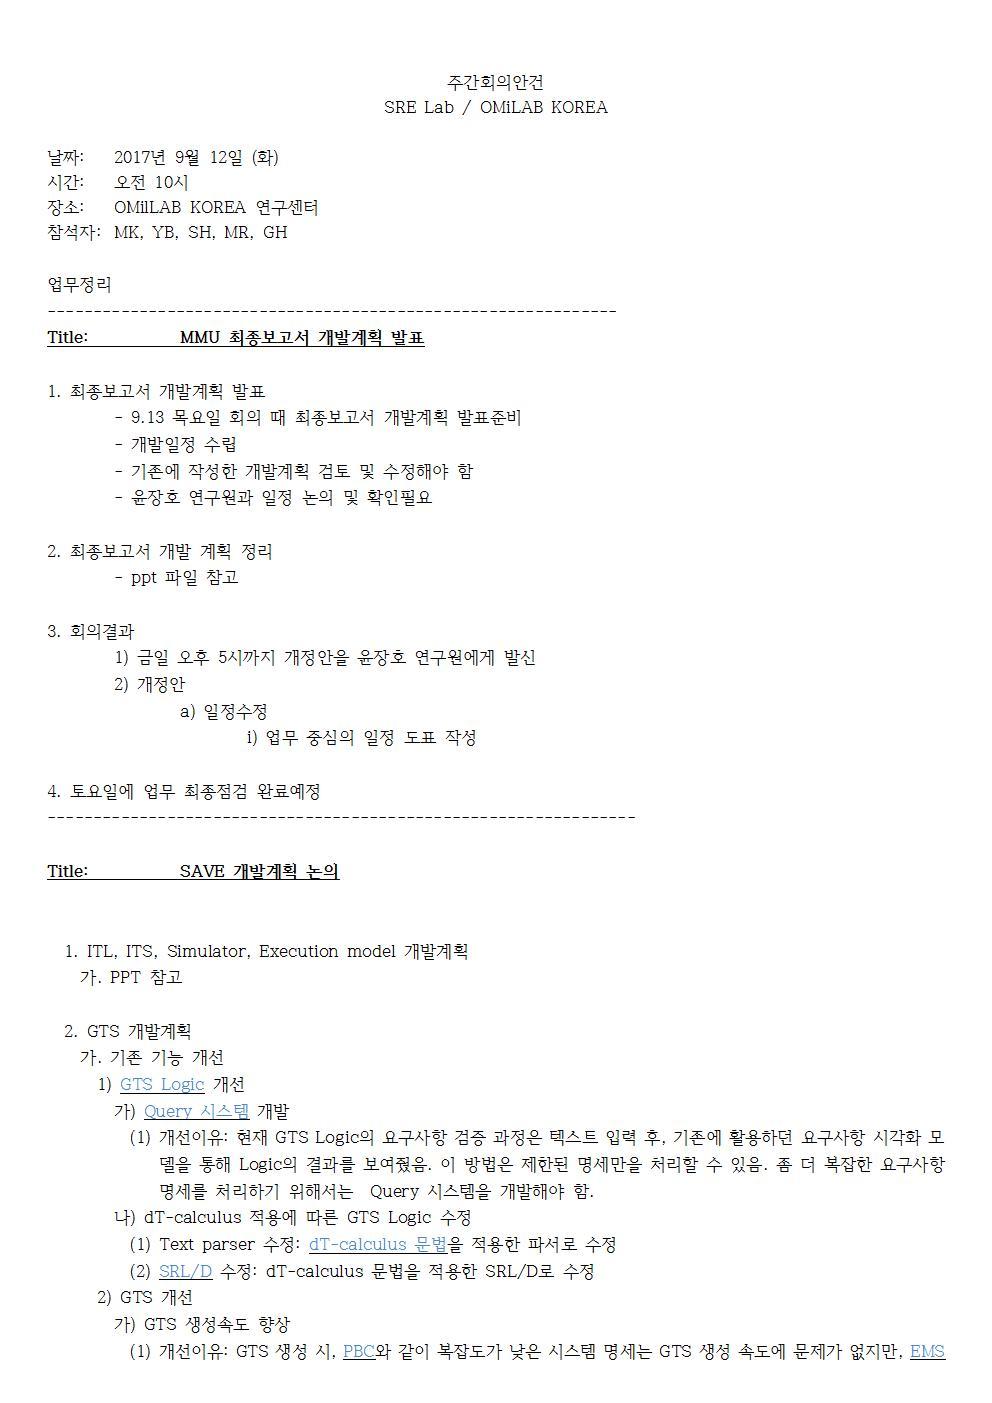 1-월-2017-09-18-PLAN(SH)001.jpg